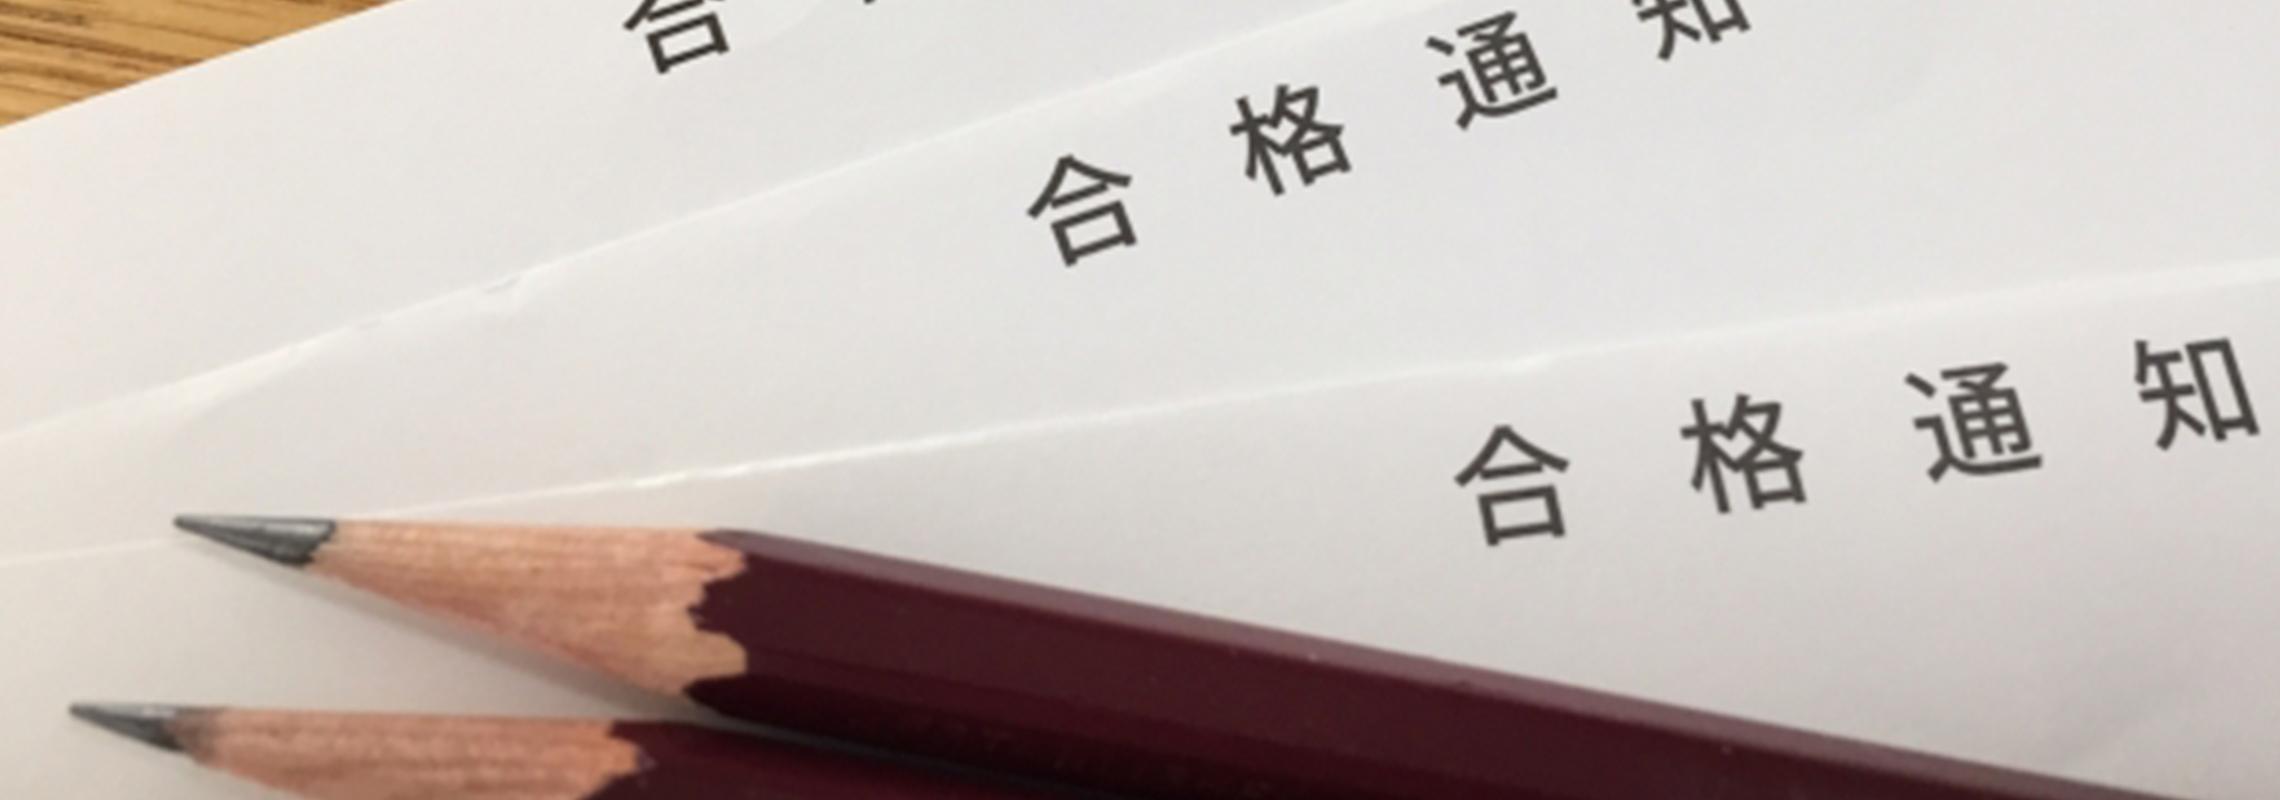 金 学修 書き方 奨学 計画 書